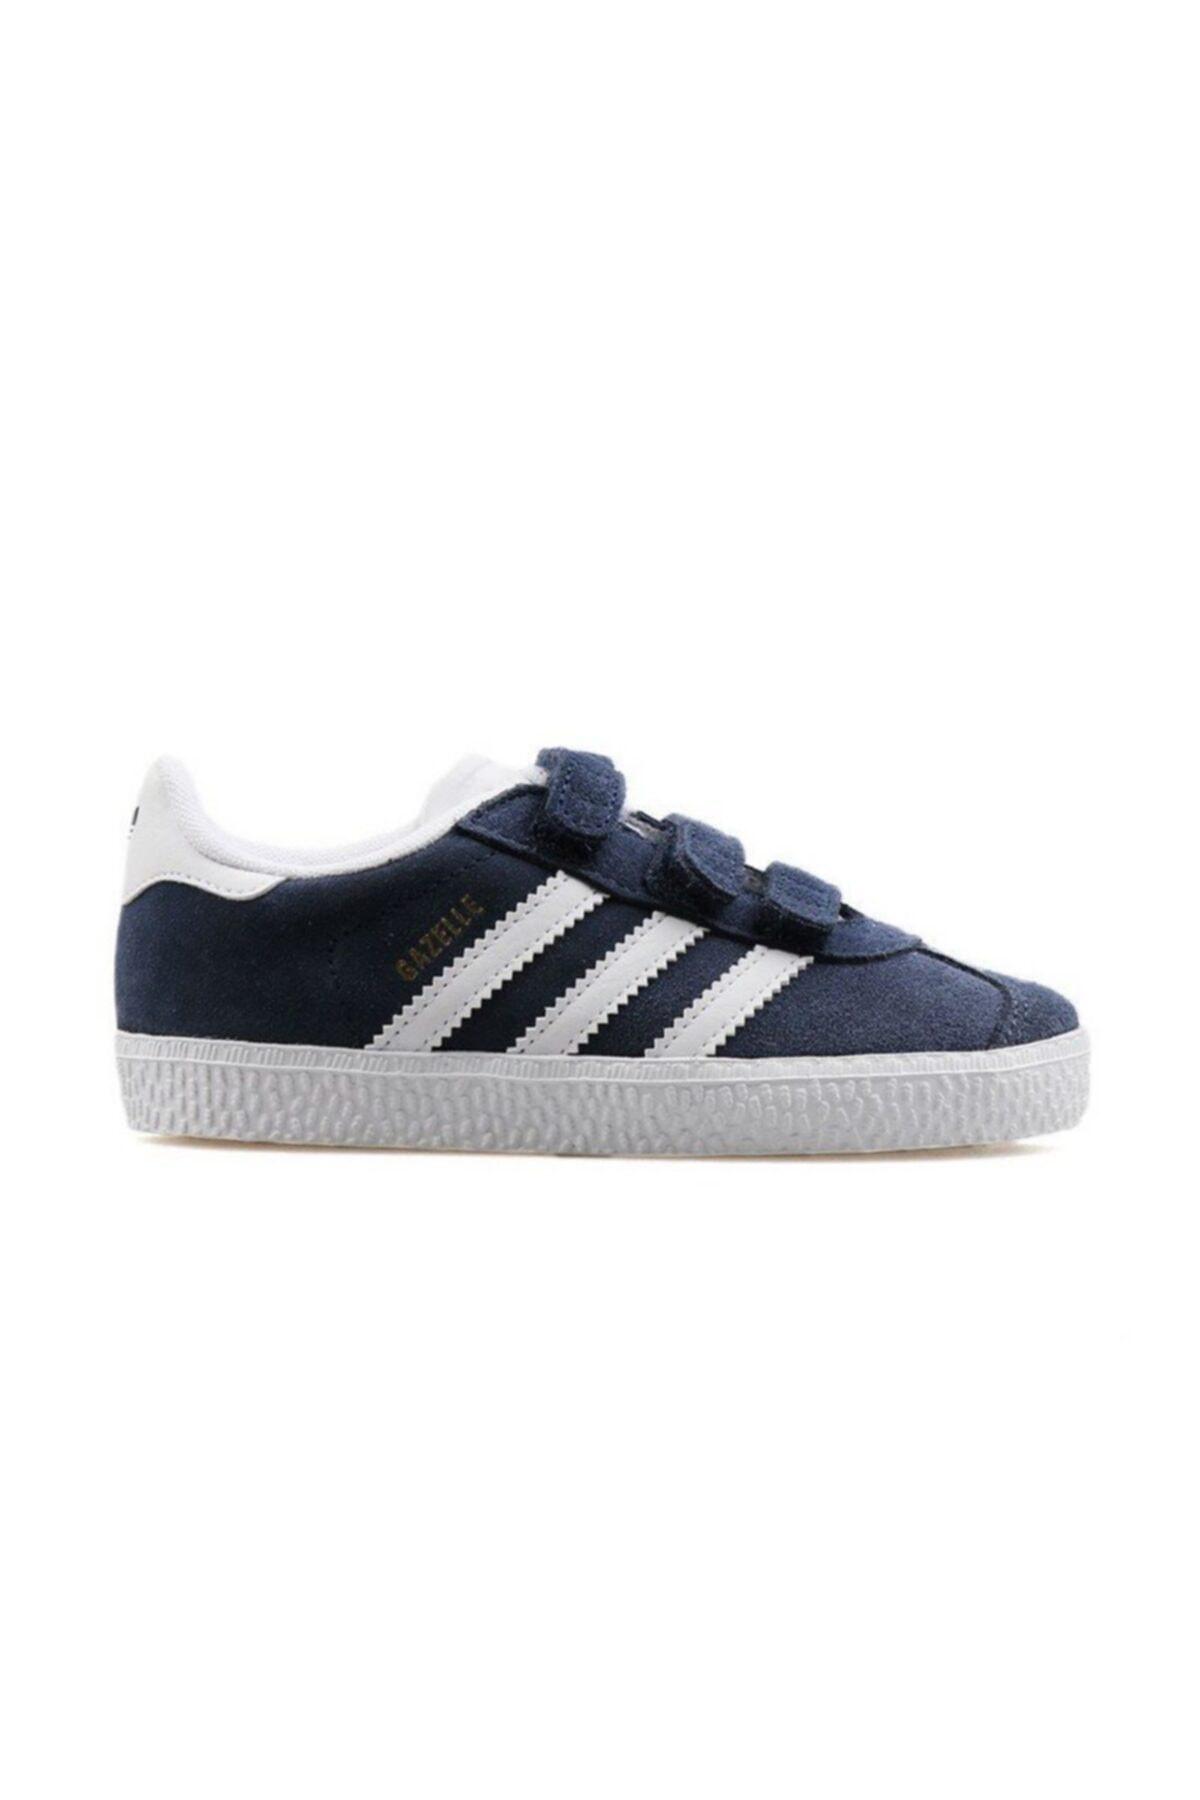 adidas GAZELLE CF I Bebek Spor Ayakkabı 1